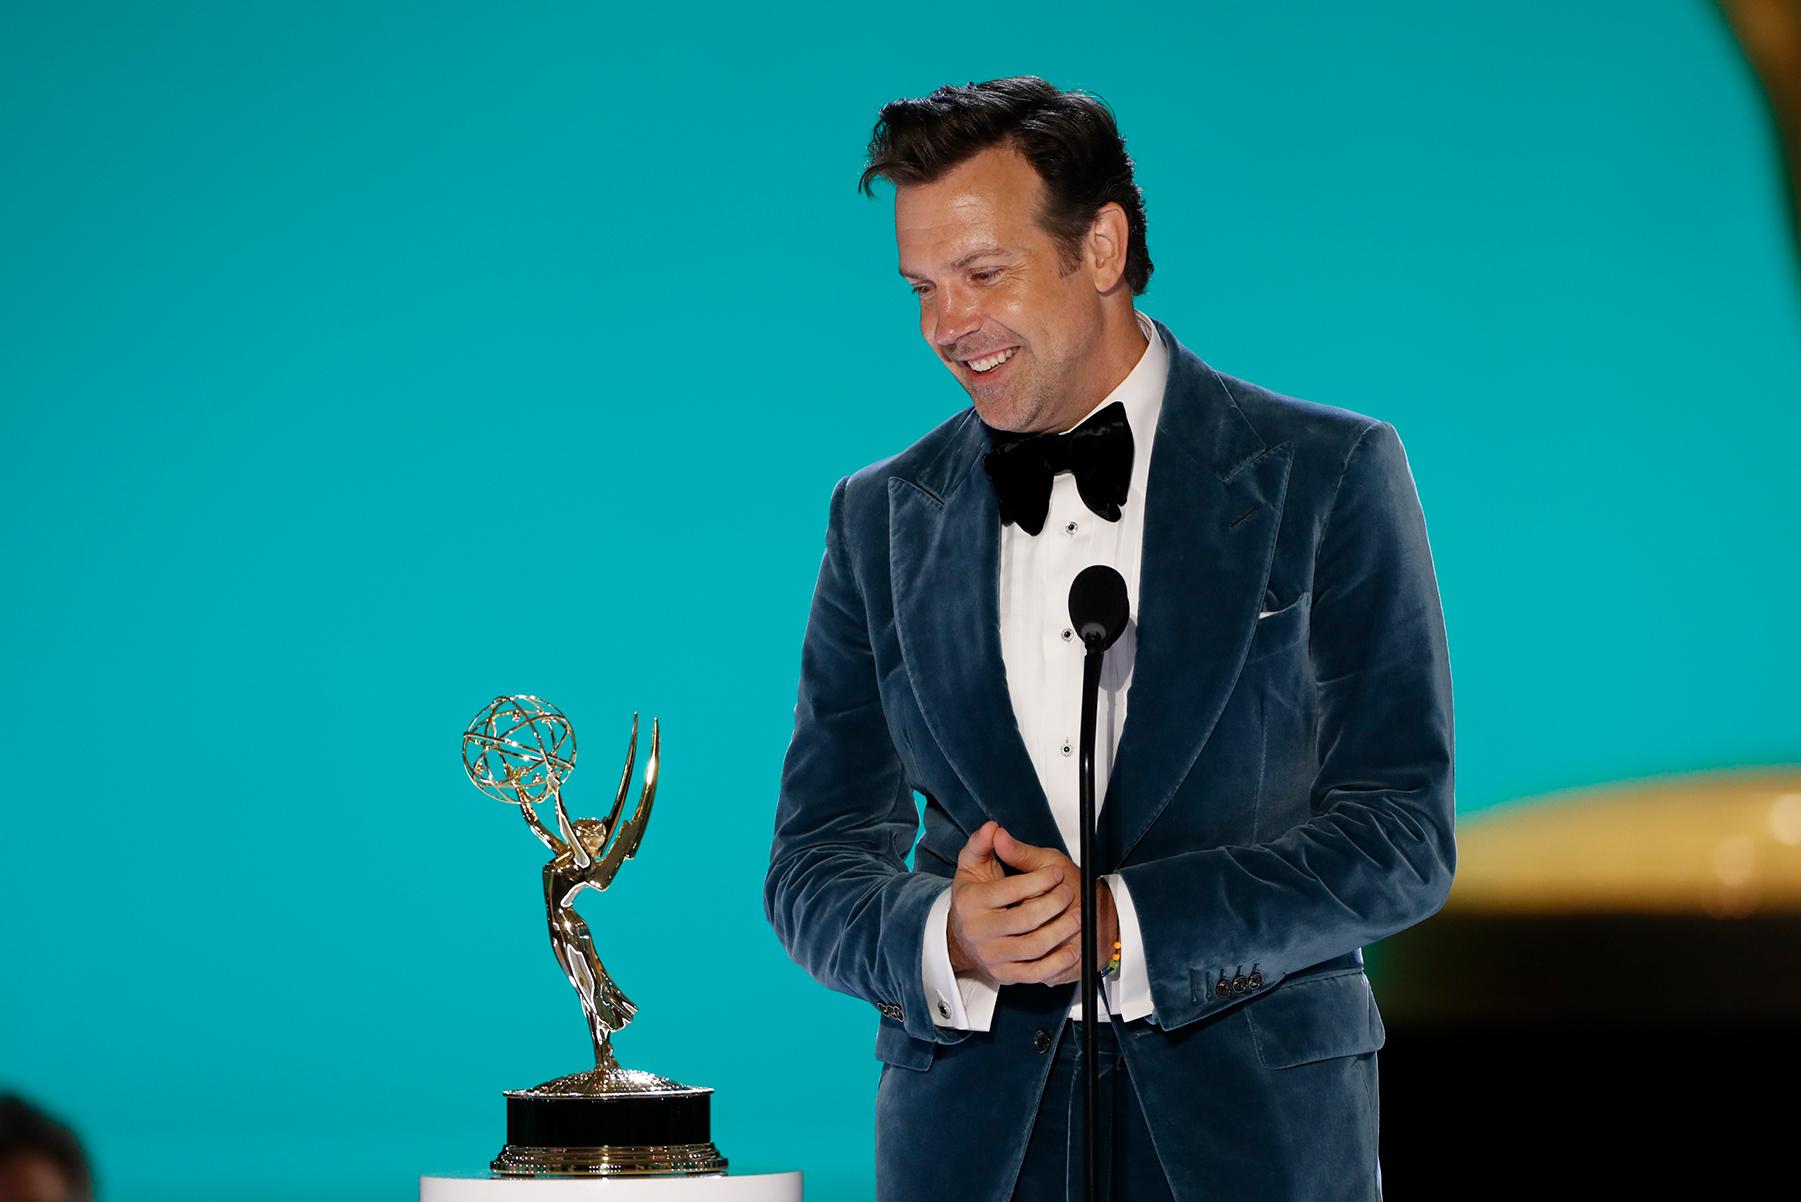 Foto de Jason Sudeikis. O homem branco usa terno azul por cima de uma blusa branca. Ele sorri olhando para o premio ao seu lado, segurando as maõs ma frente. De pé ao lado de um microfone, ela segura uma estatueta do Emmy, que é dourada e tem base preta. O fundo tem uma tela azul e um grande prêmio que está embaçado para ver.